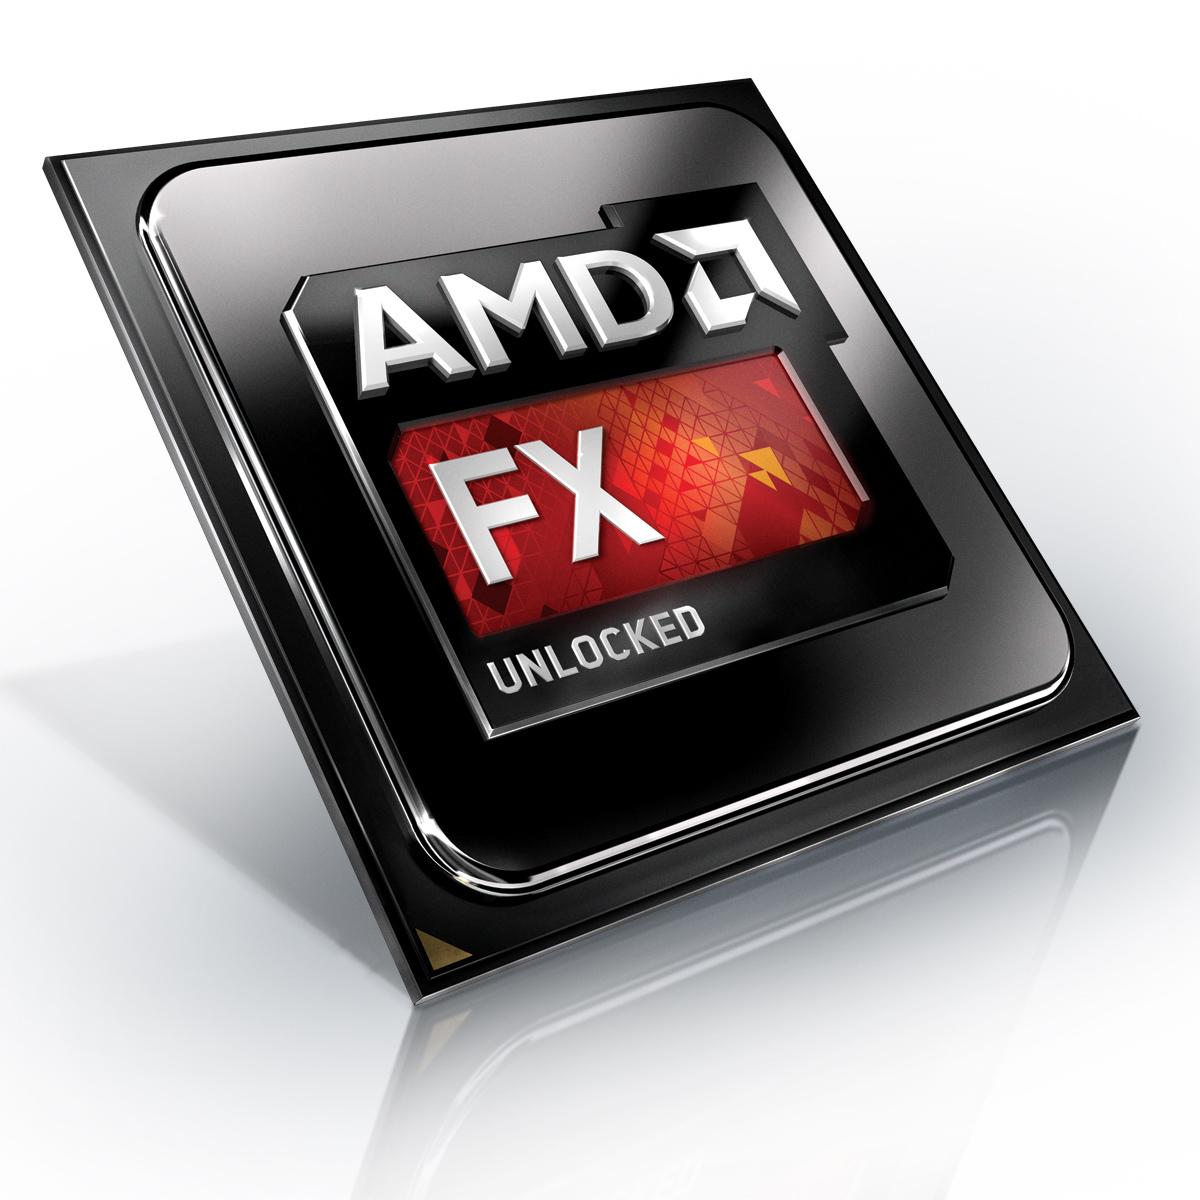 Processeur AMD FX 8370E Black Edition (3.3 GHz) Processeur 8-Core socket AM3+ Cache L3 8 Mo 0.032 micron TDP 95W (version boîte - garantie constructeur 3 ans)